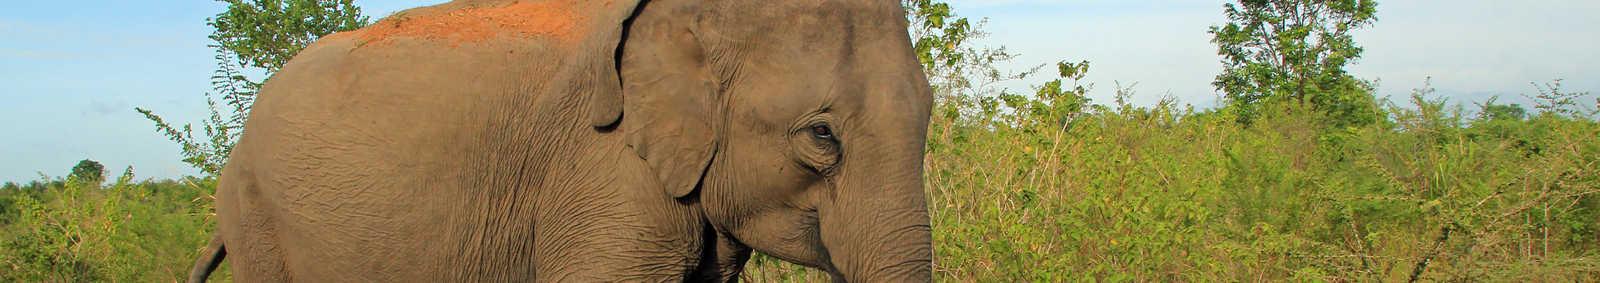 Lankesian Elephant (Elephas Maximus Maximus) in the Bush, Uda Walawe National Park, Sri Lanka